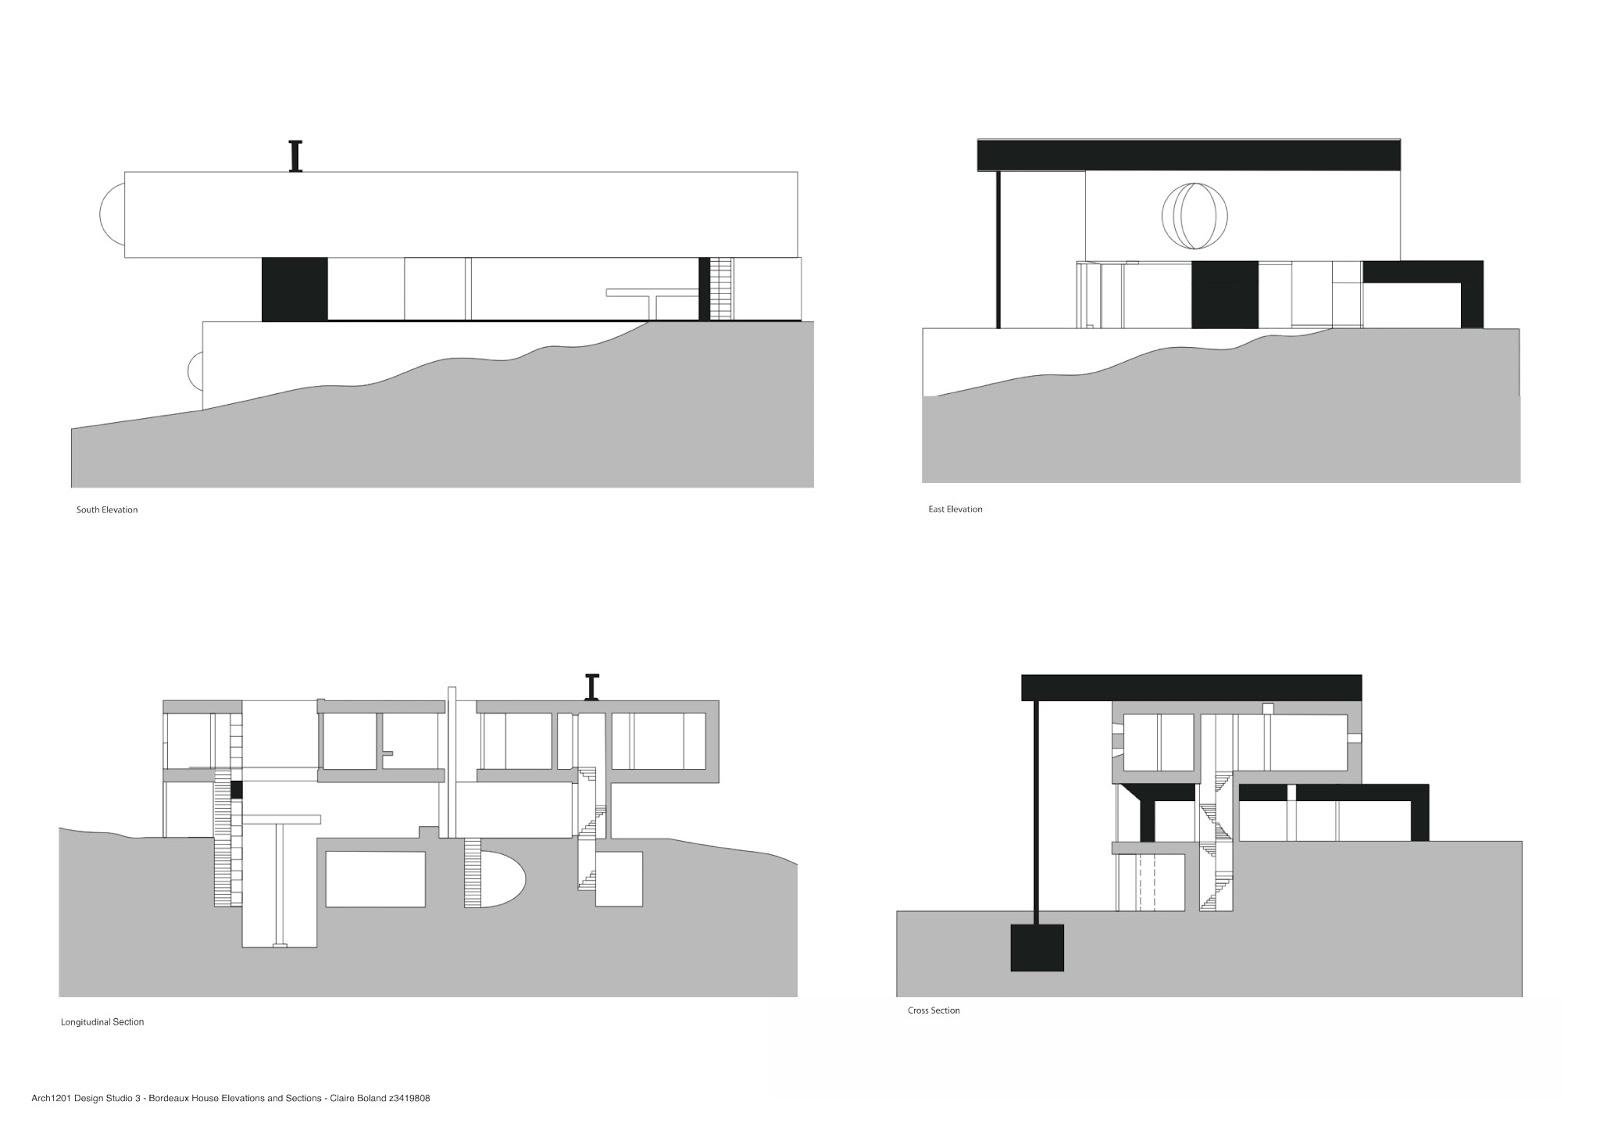 Arch1201 design studio 3 2013 march 2013 for Maison bordeaux